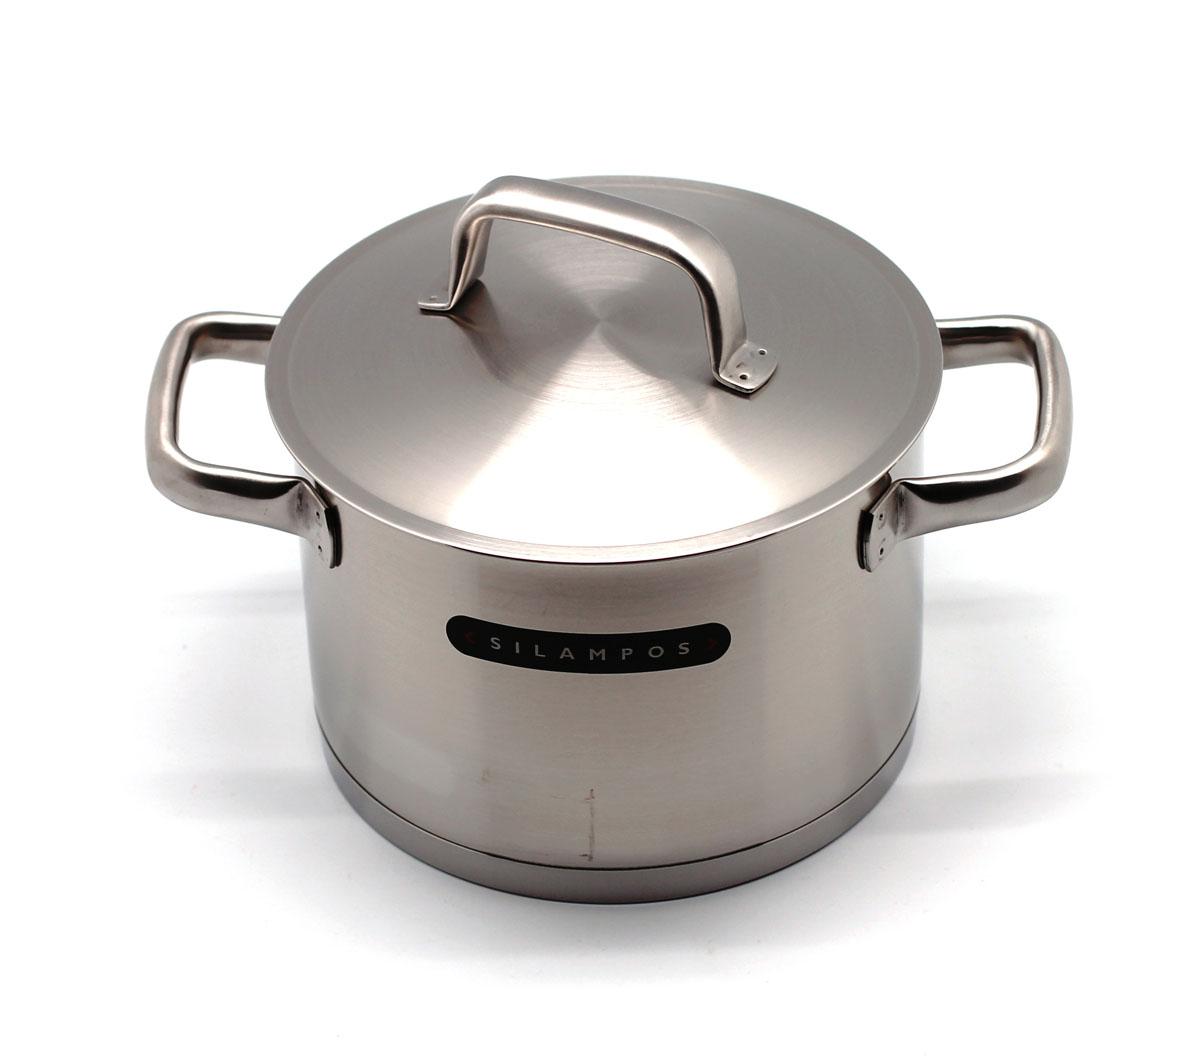 Кастрюля Silampos Move с крышкой, 2,15 л купить в иванове посуду из нержавеющей стали